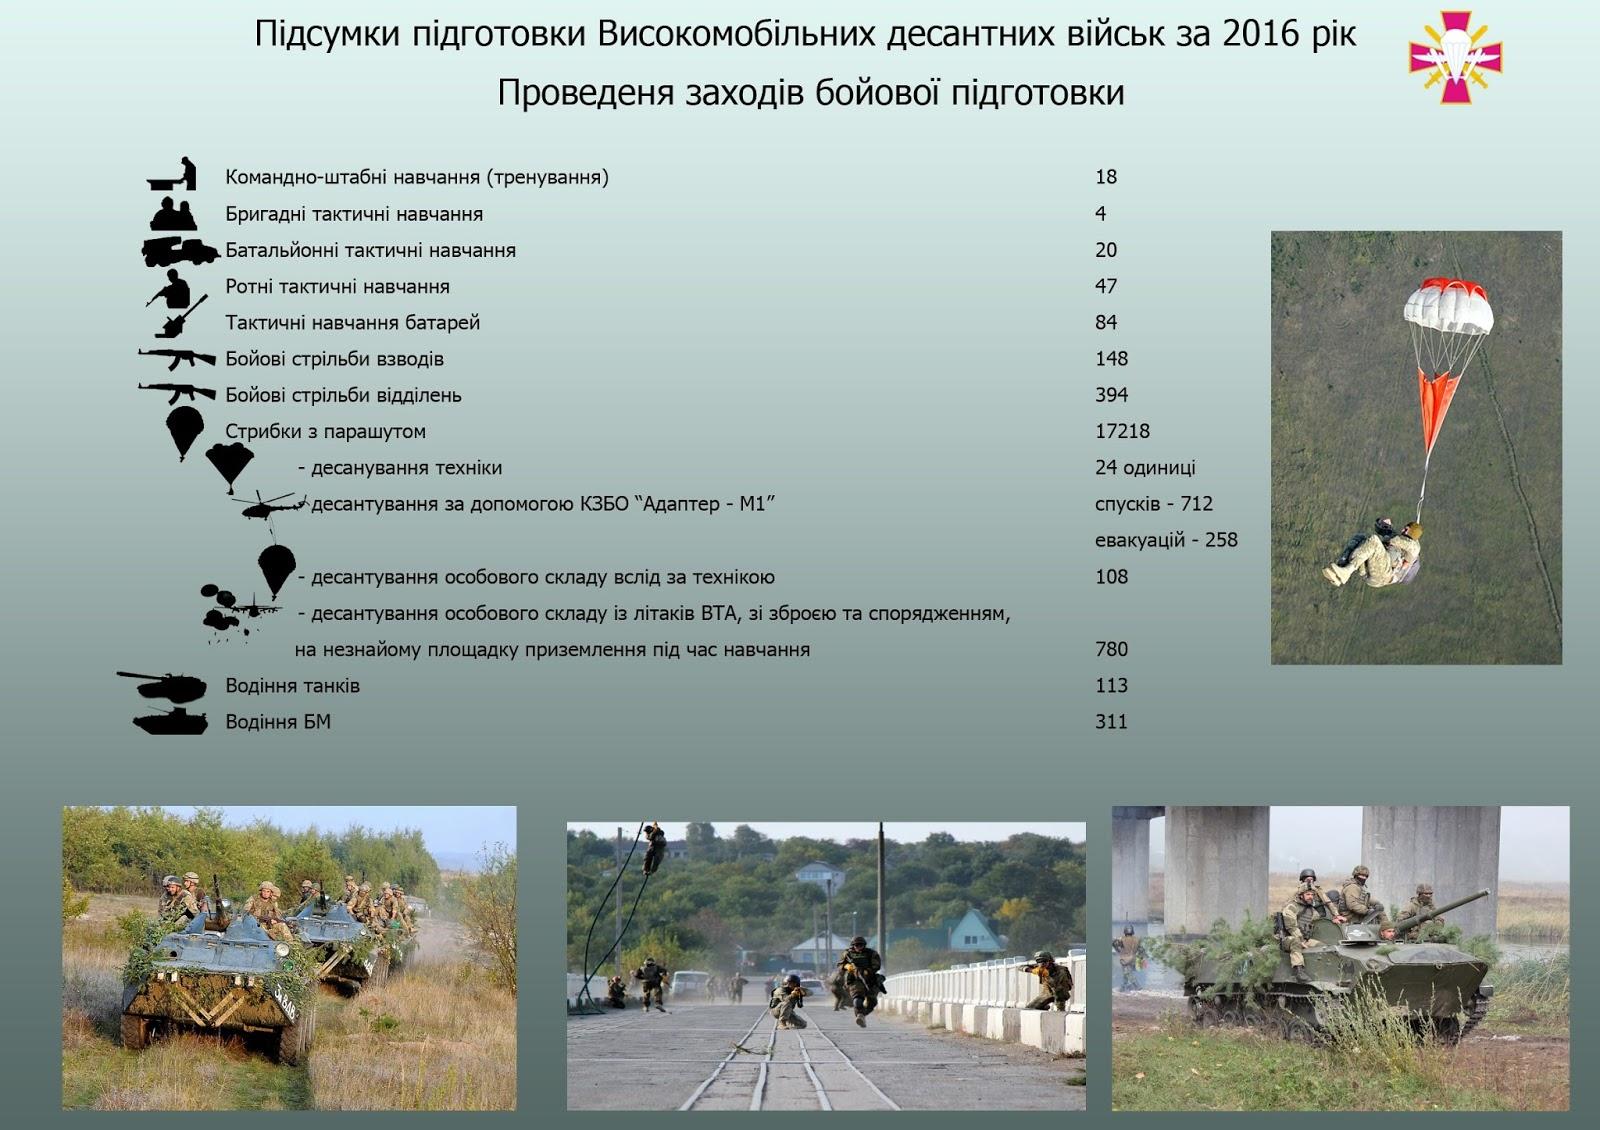 Підсумки підготовки ВДВ за 2016 рік